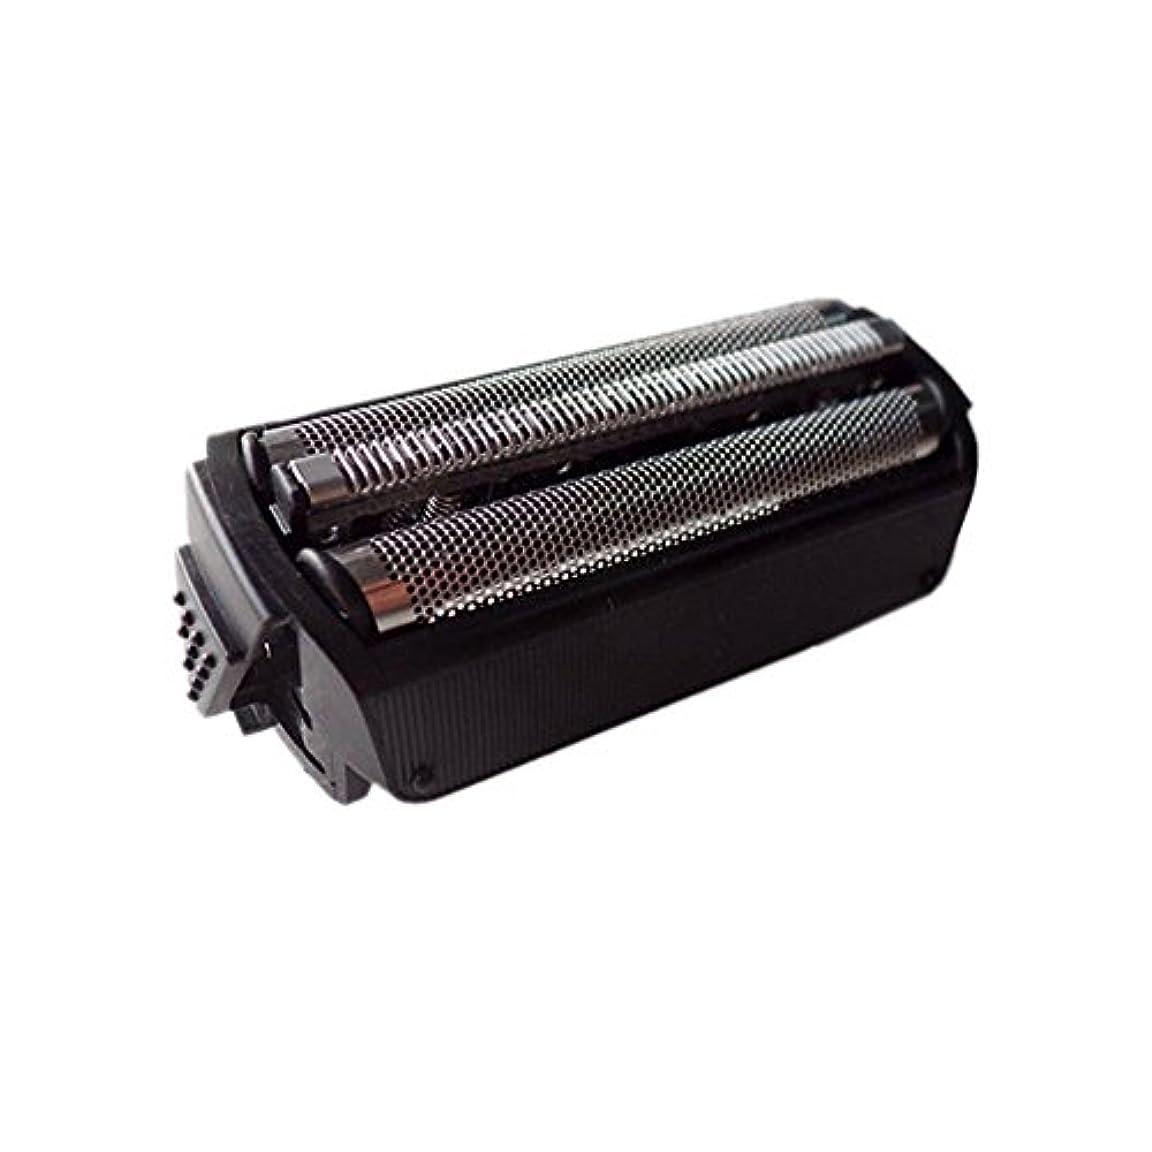 Deylaying シェーバー替刃 往復式シェーバー パーツ 外刃 耐用 高質量 for Panasonic ES9077/7013/8026/8016/7003/882/883